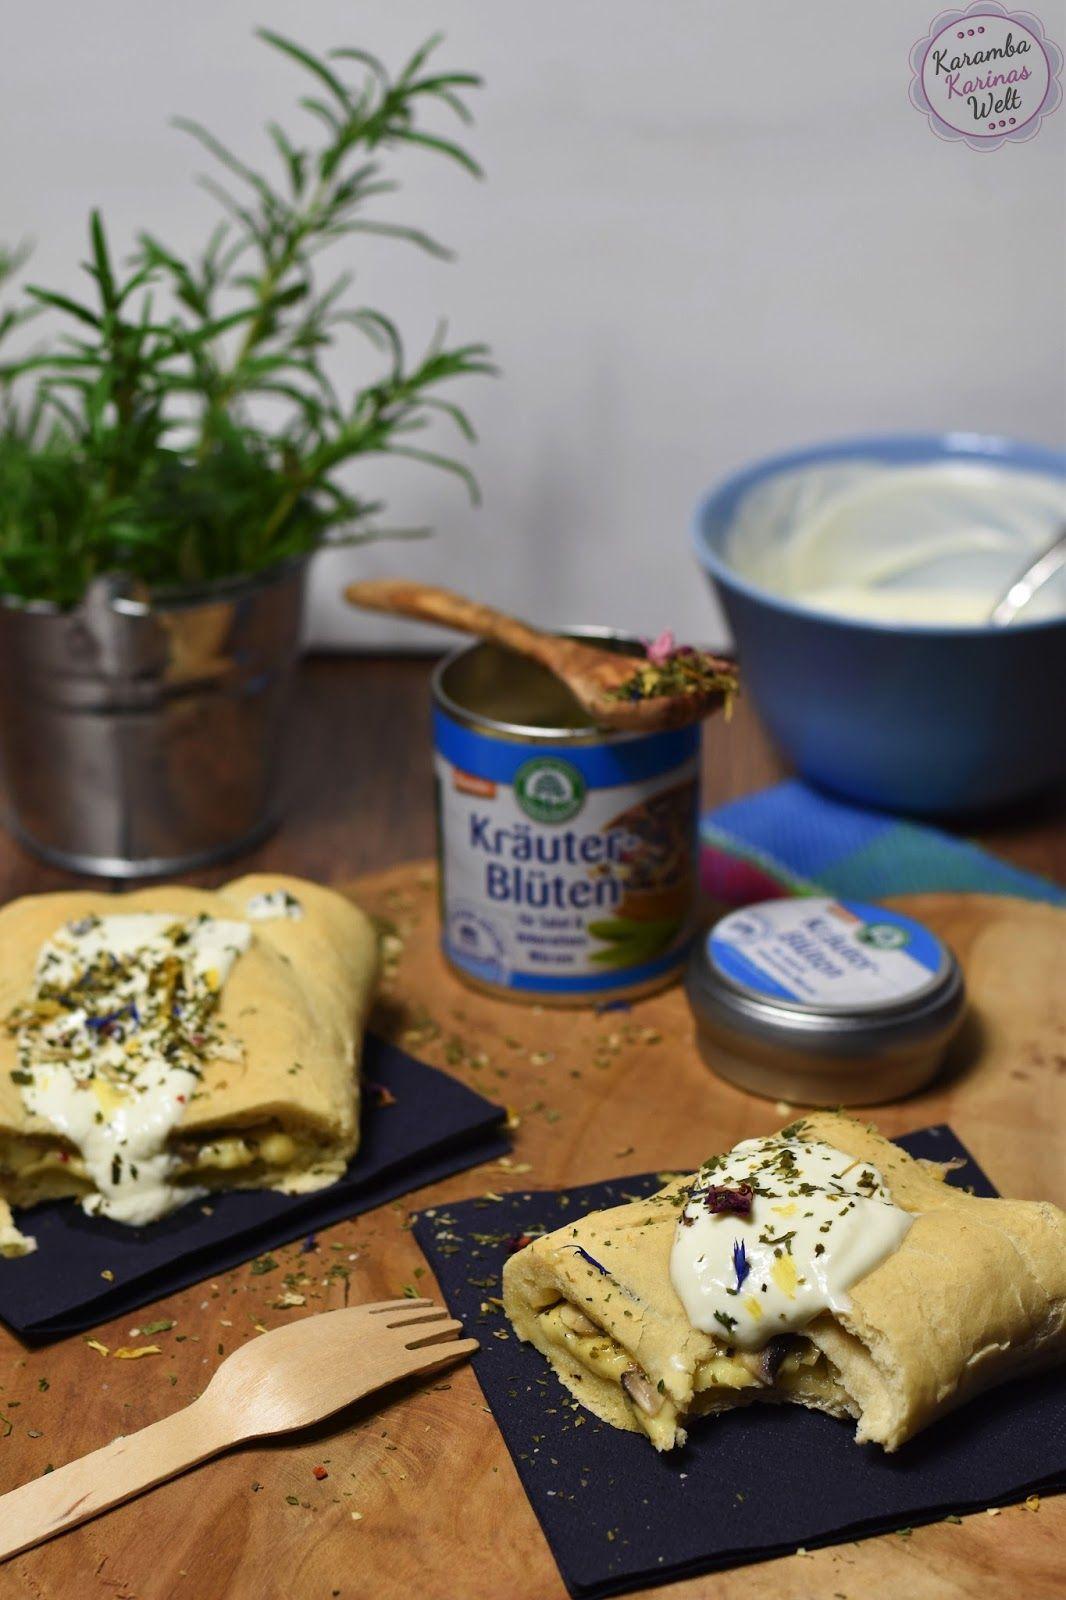 Rezept für Handbrot, Handbrot selber machen, Handbrot Käse Champignons, Handbrot Kräuter-Blüten